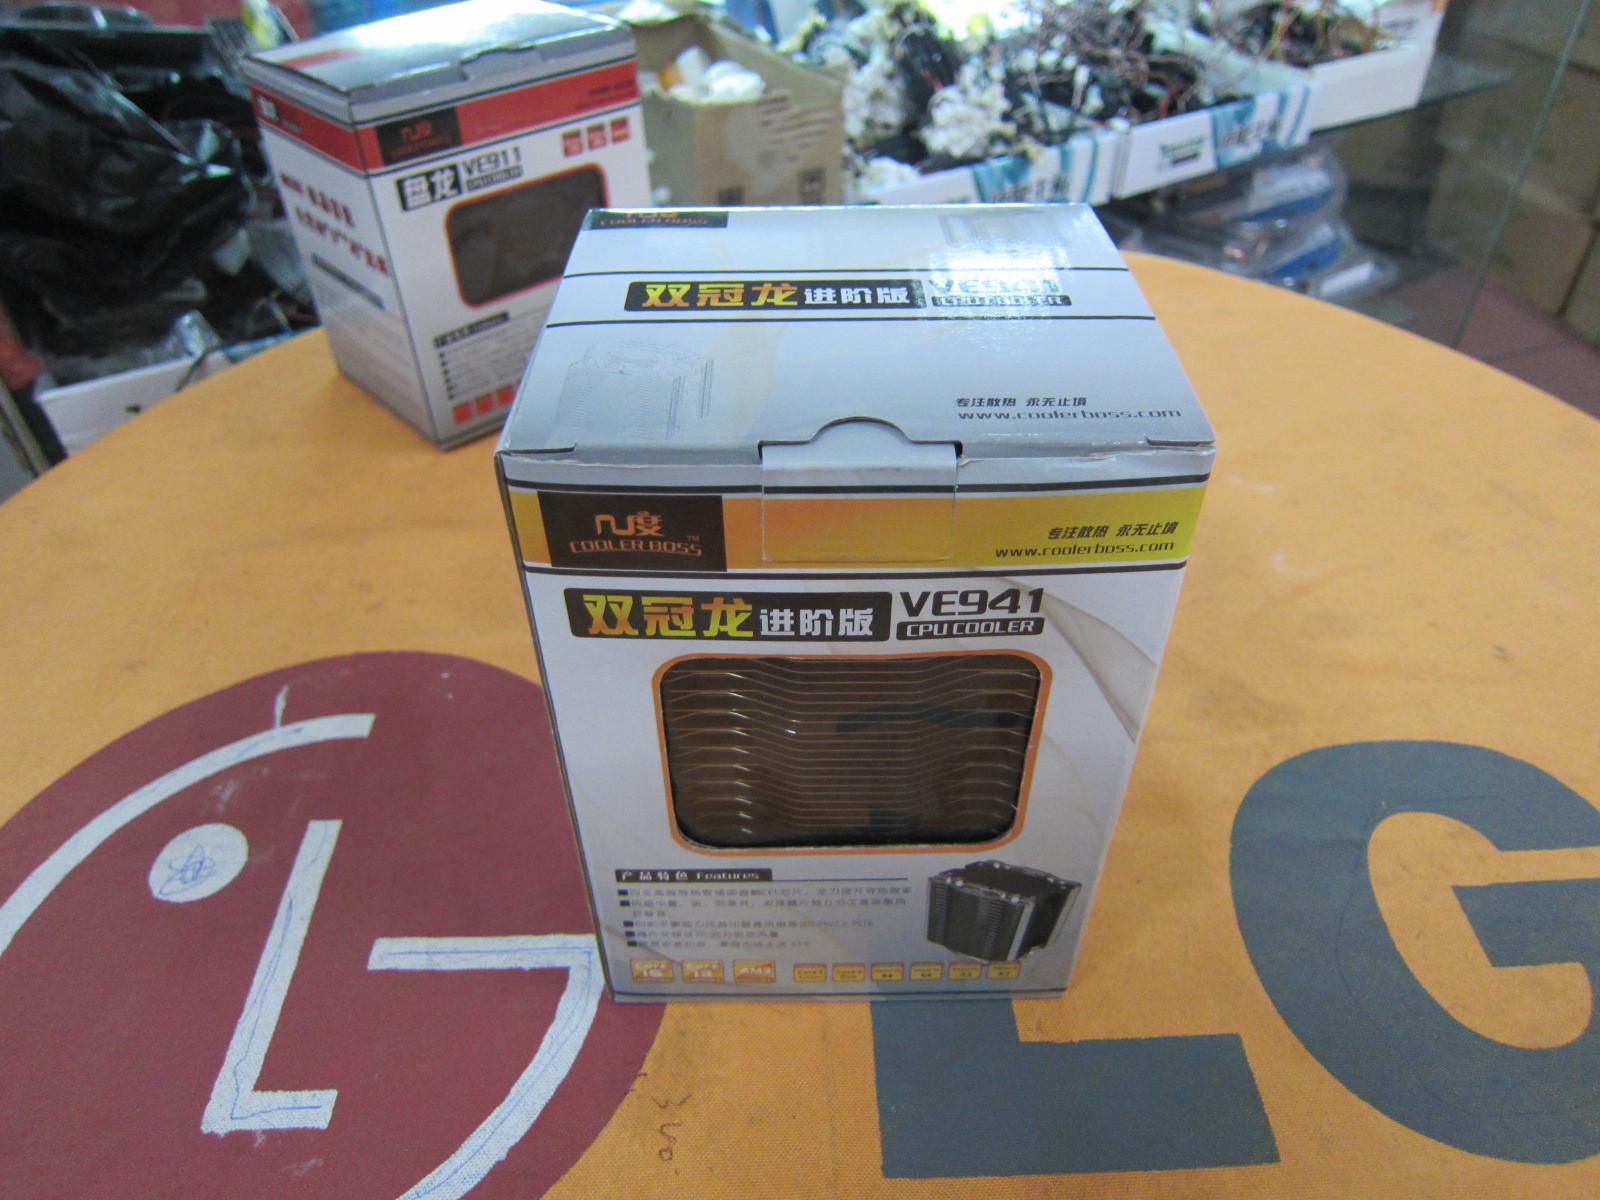 全方面升级 双冠龙VE941进阶版散热器_硬件_